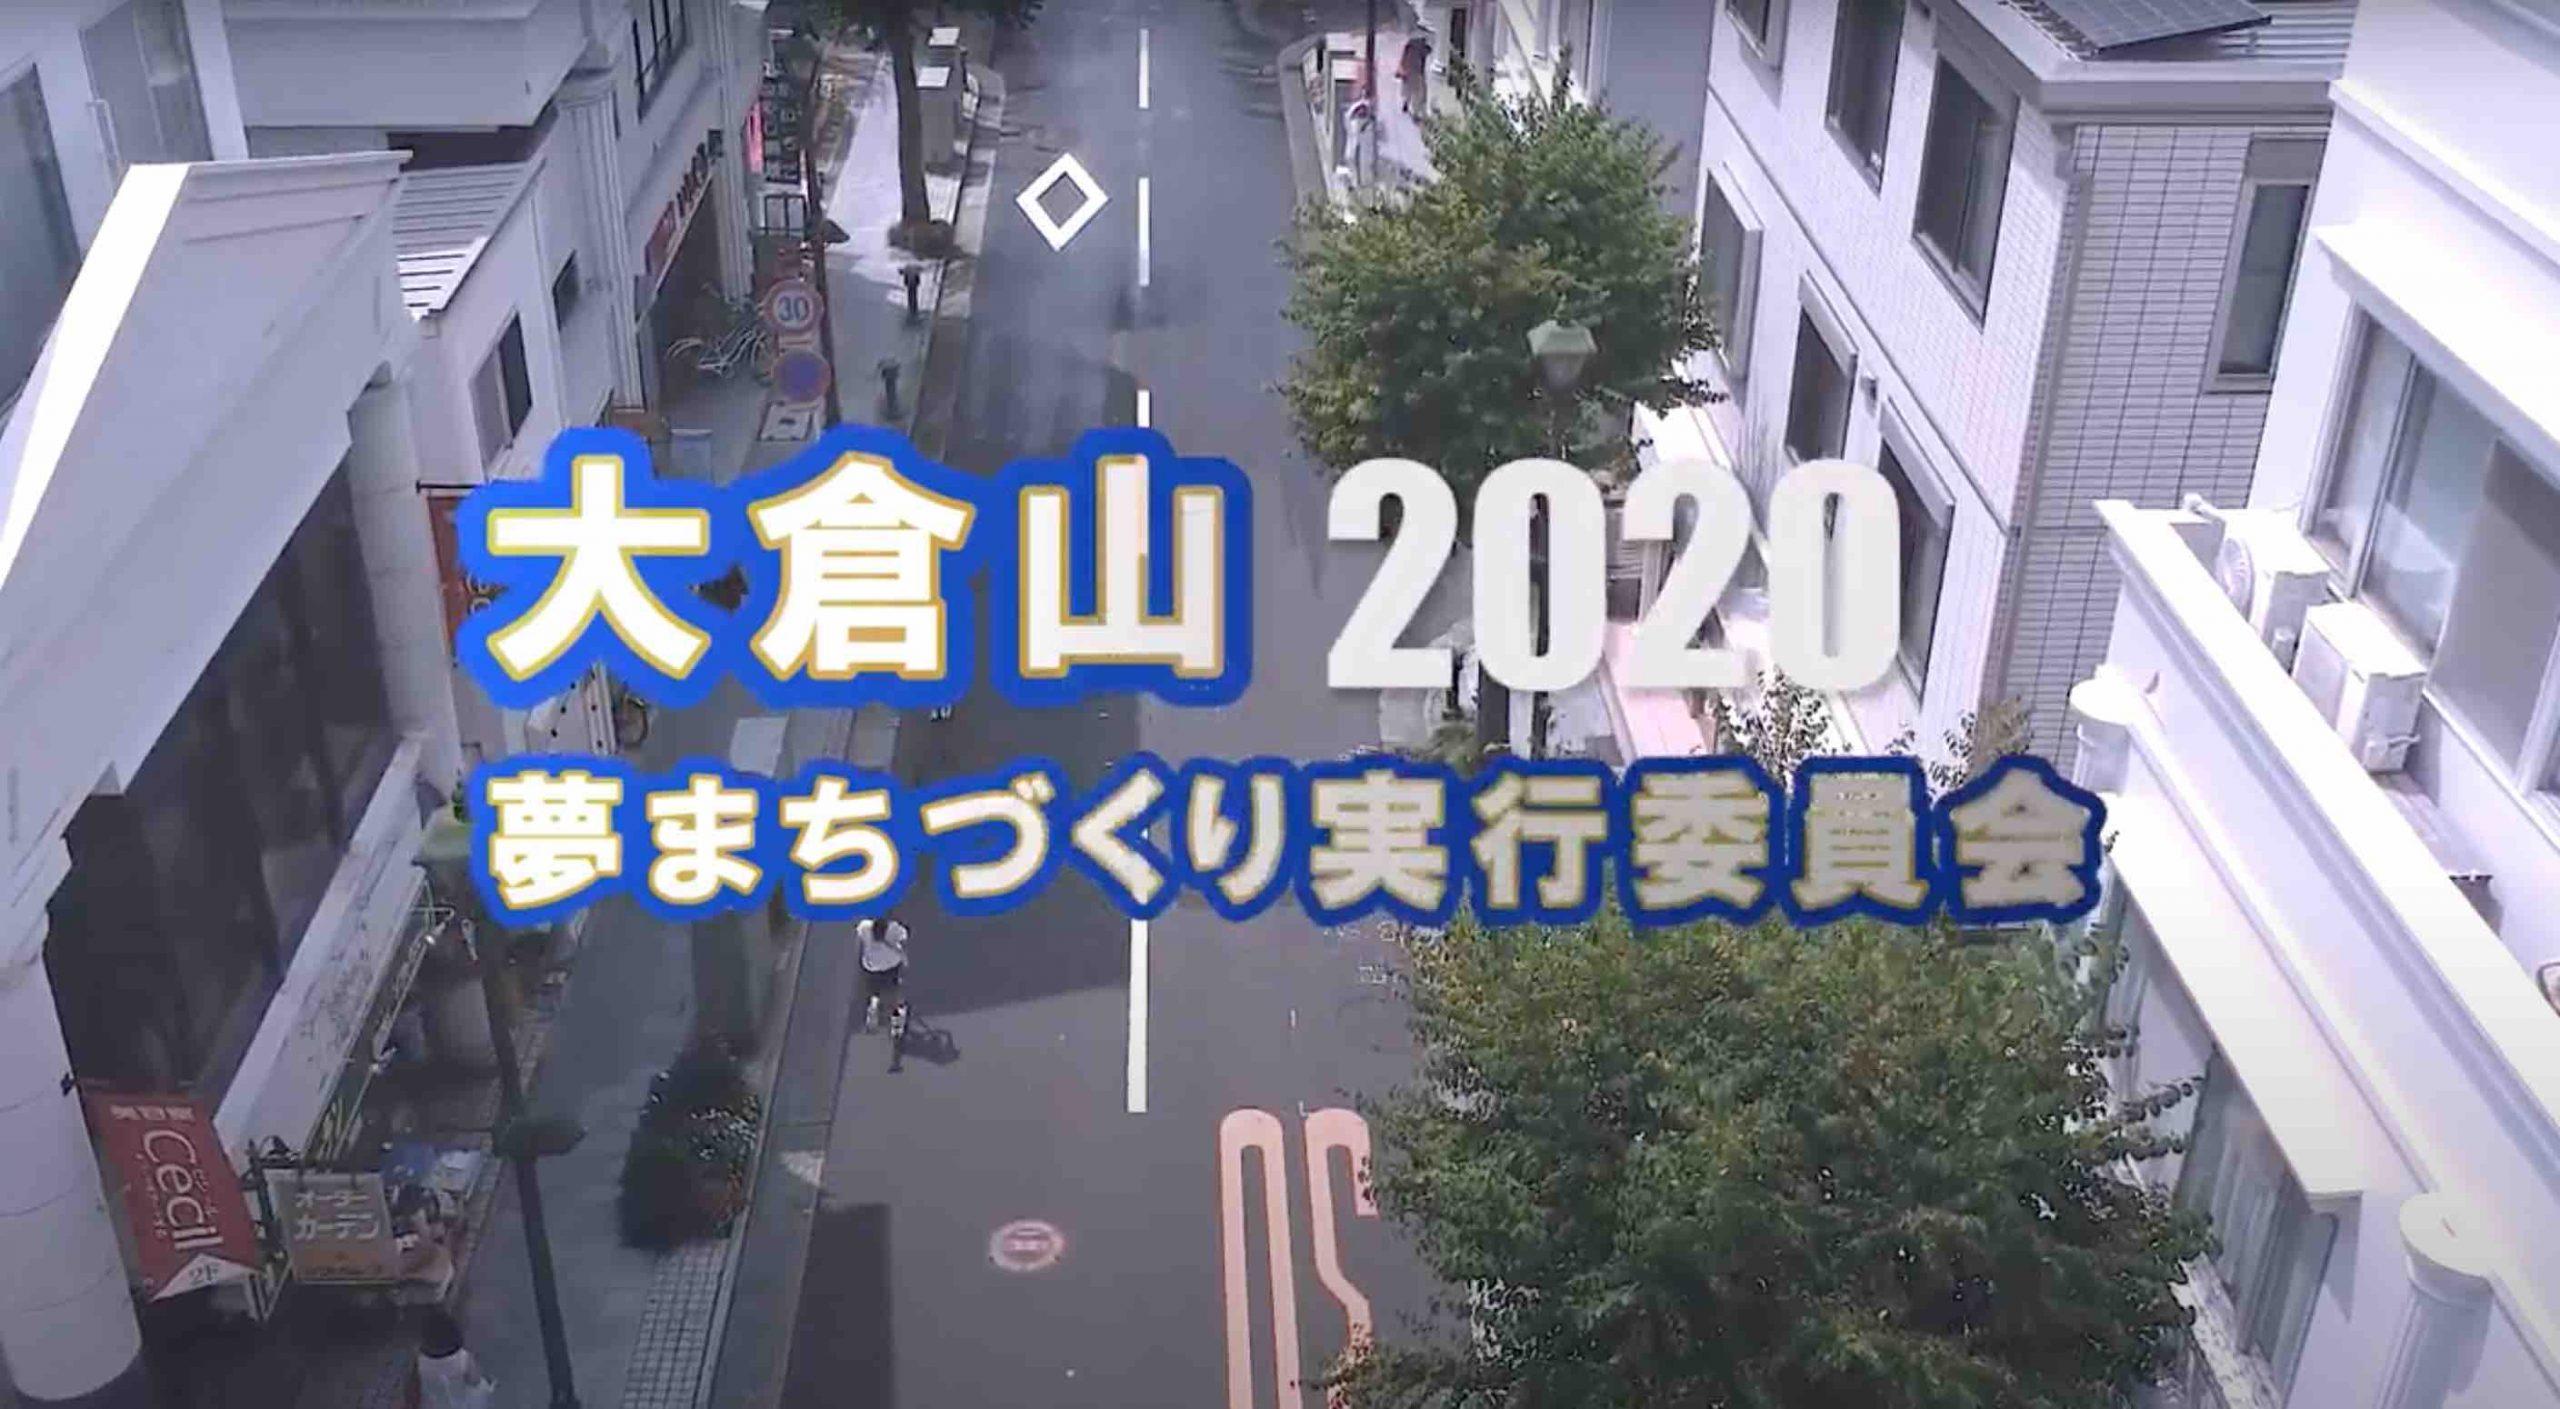 大倉山夢まちづくり2020「ふれあい祭り編」